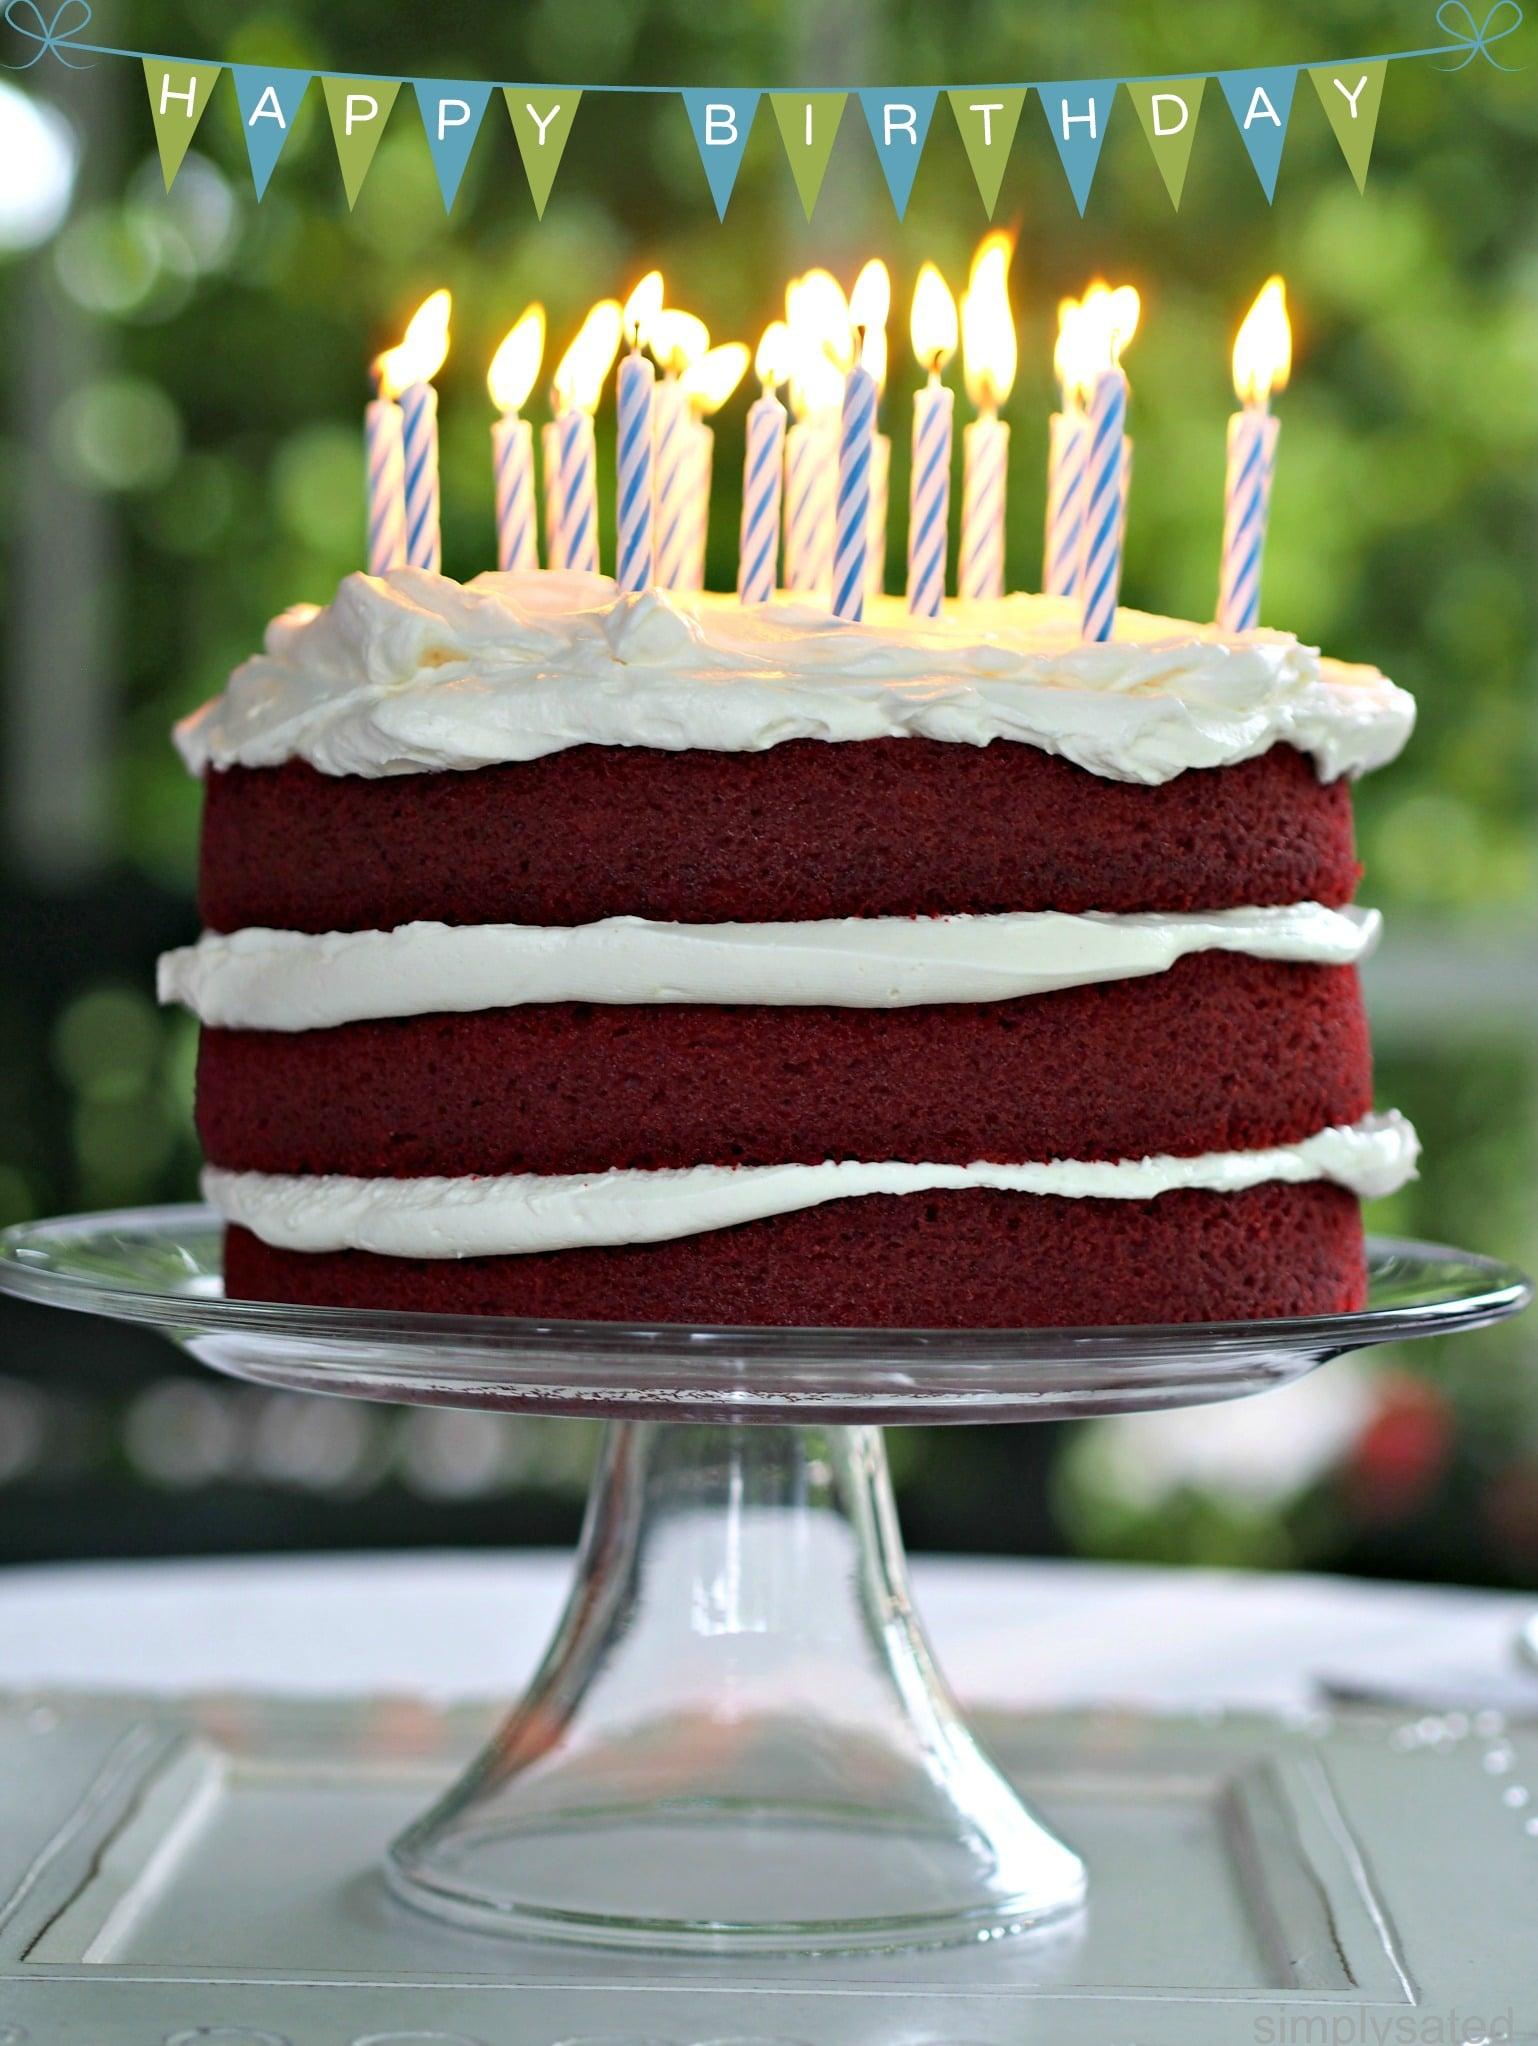 Happy Birthday Wish Red Velvet Cake